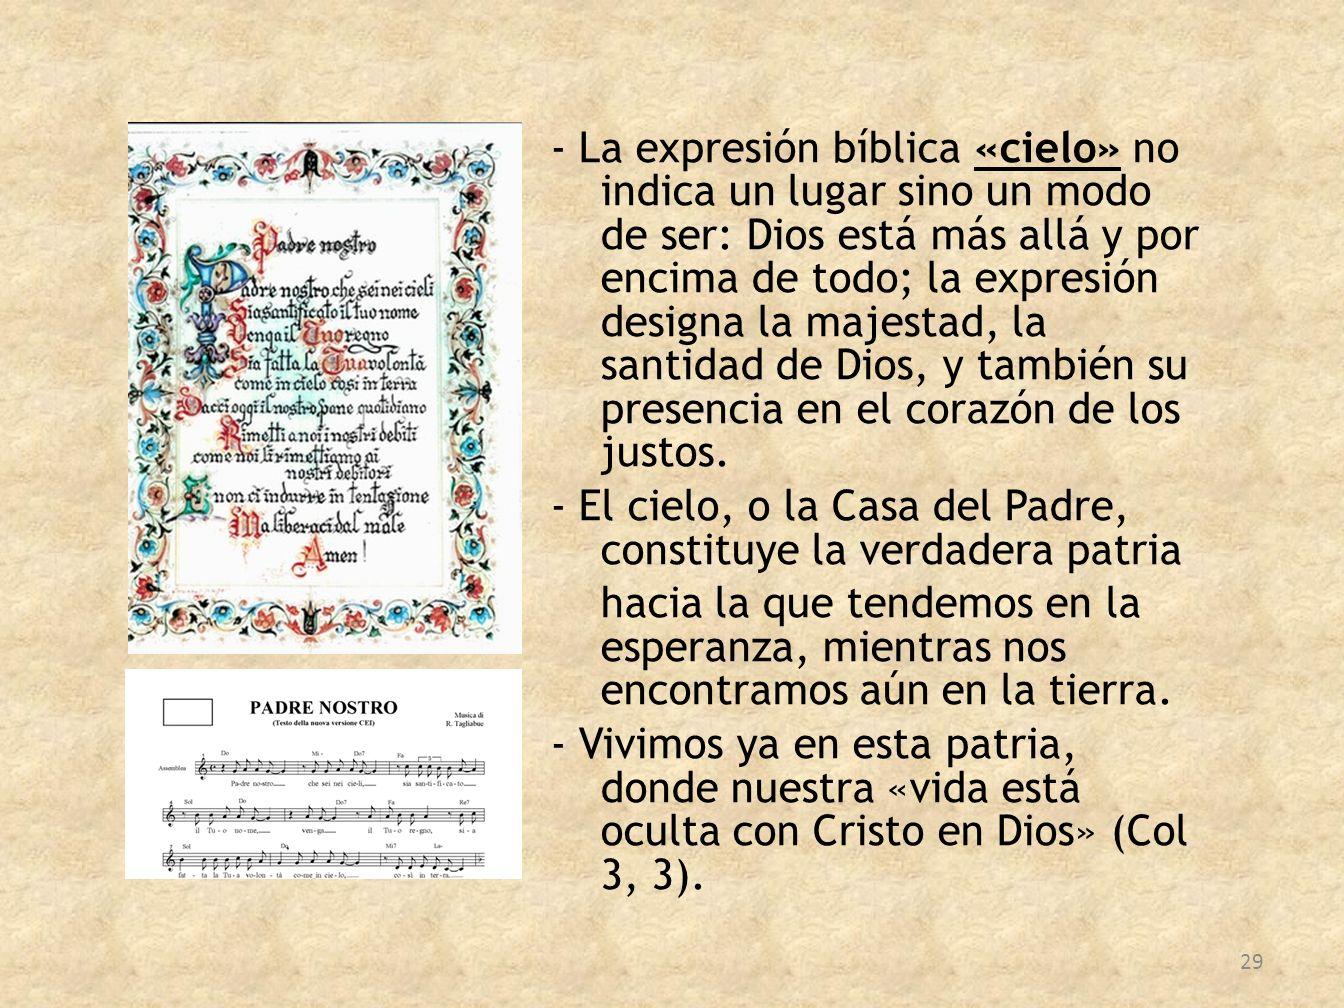 - La expresión bíblica «cielo» no indica un lugar sino un modo de ser: Dios está más allá y por encima de todo; la expresión designa la majestad, la s